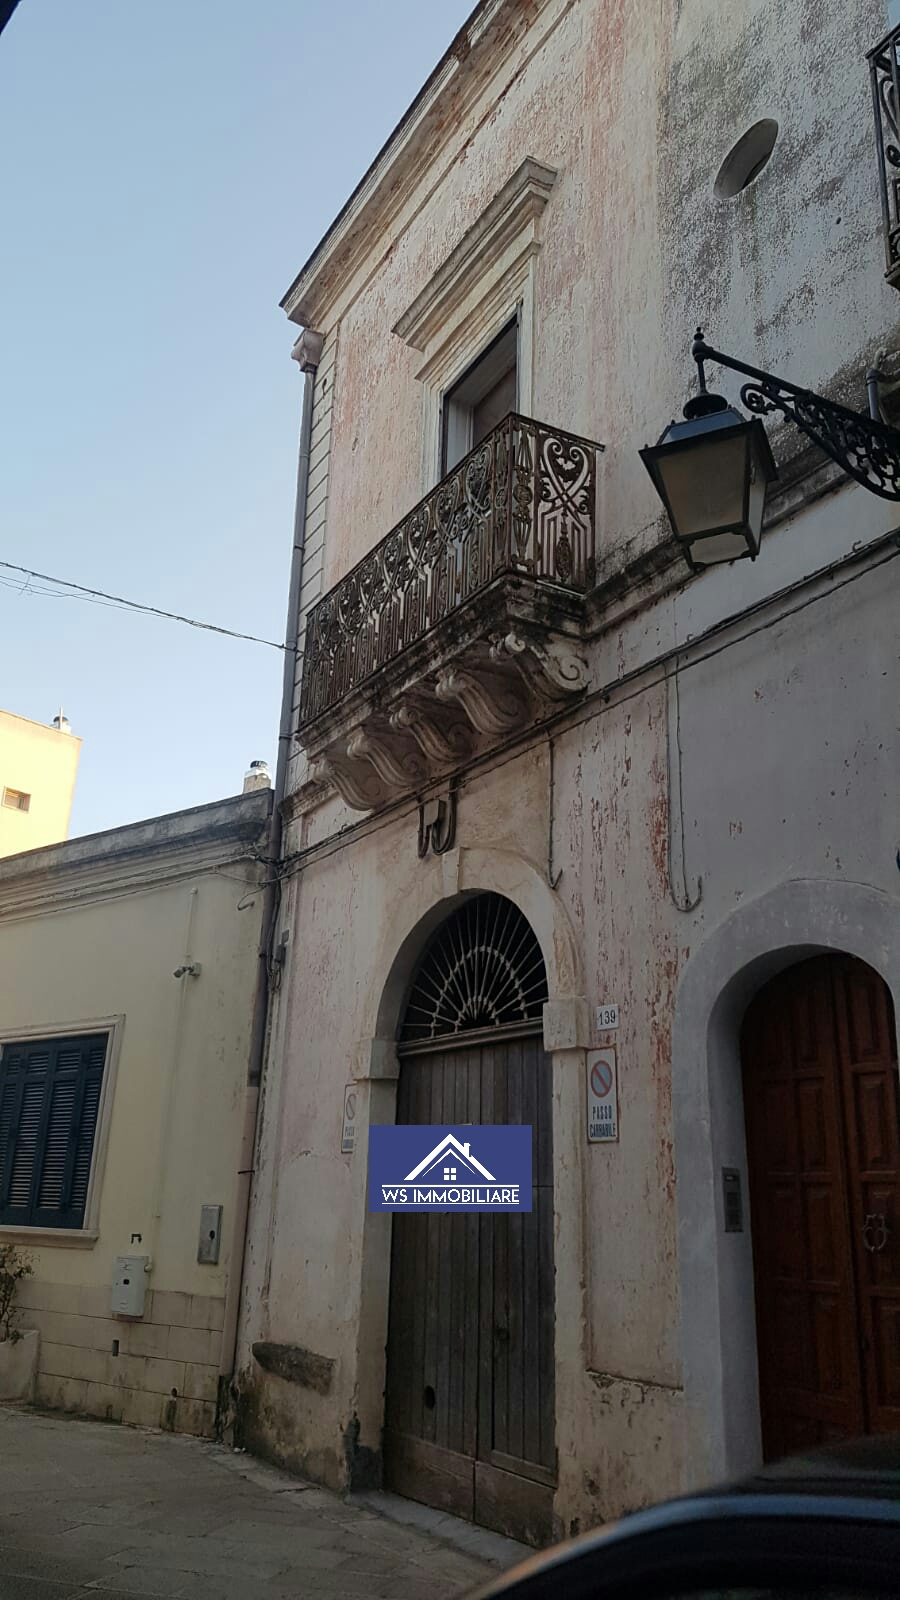 Palazzo nel centro storico di tuglie con caratteristiche volte a stella